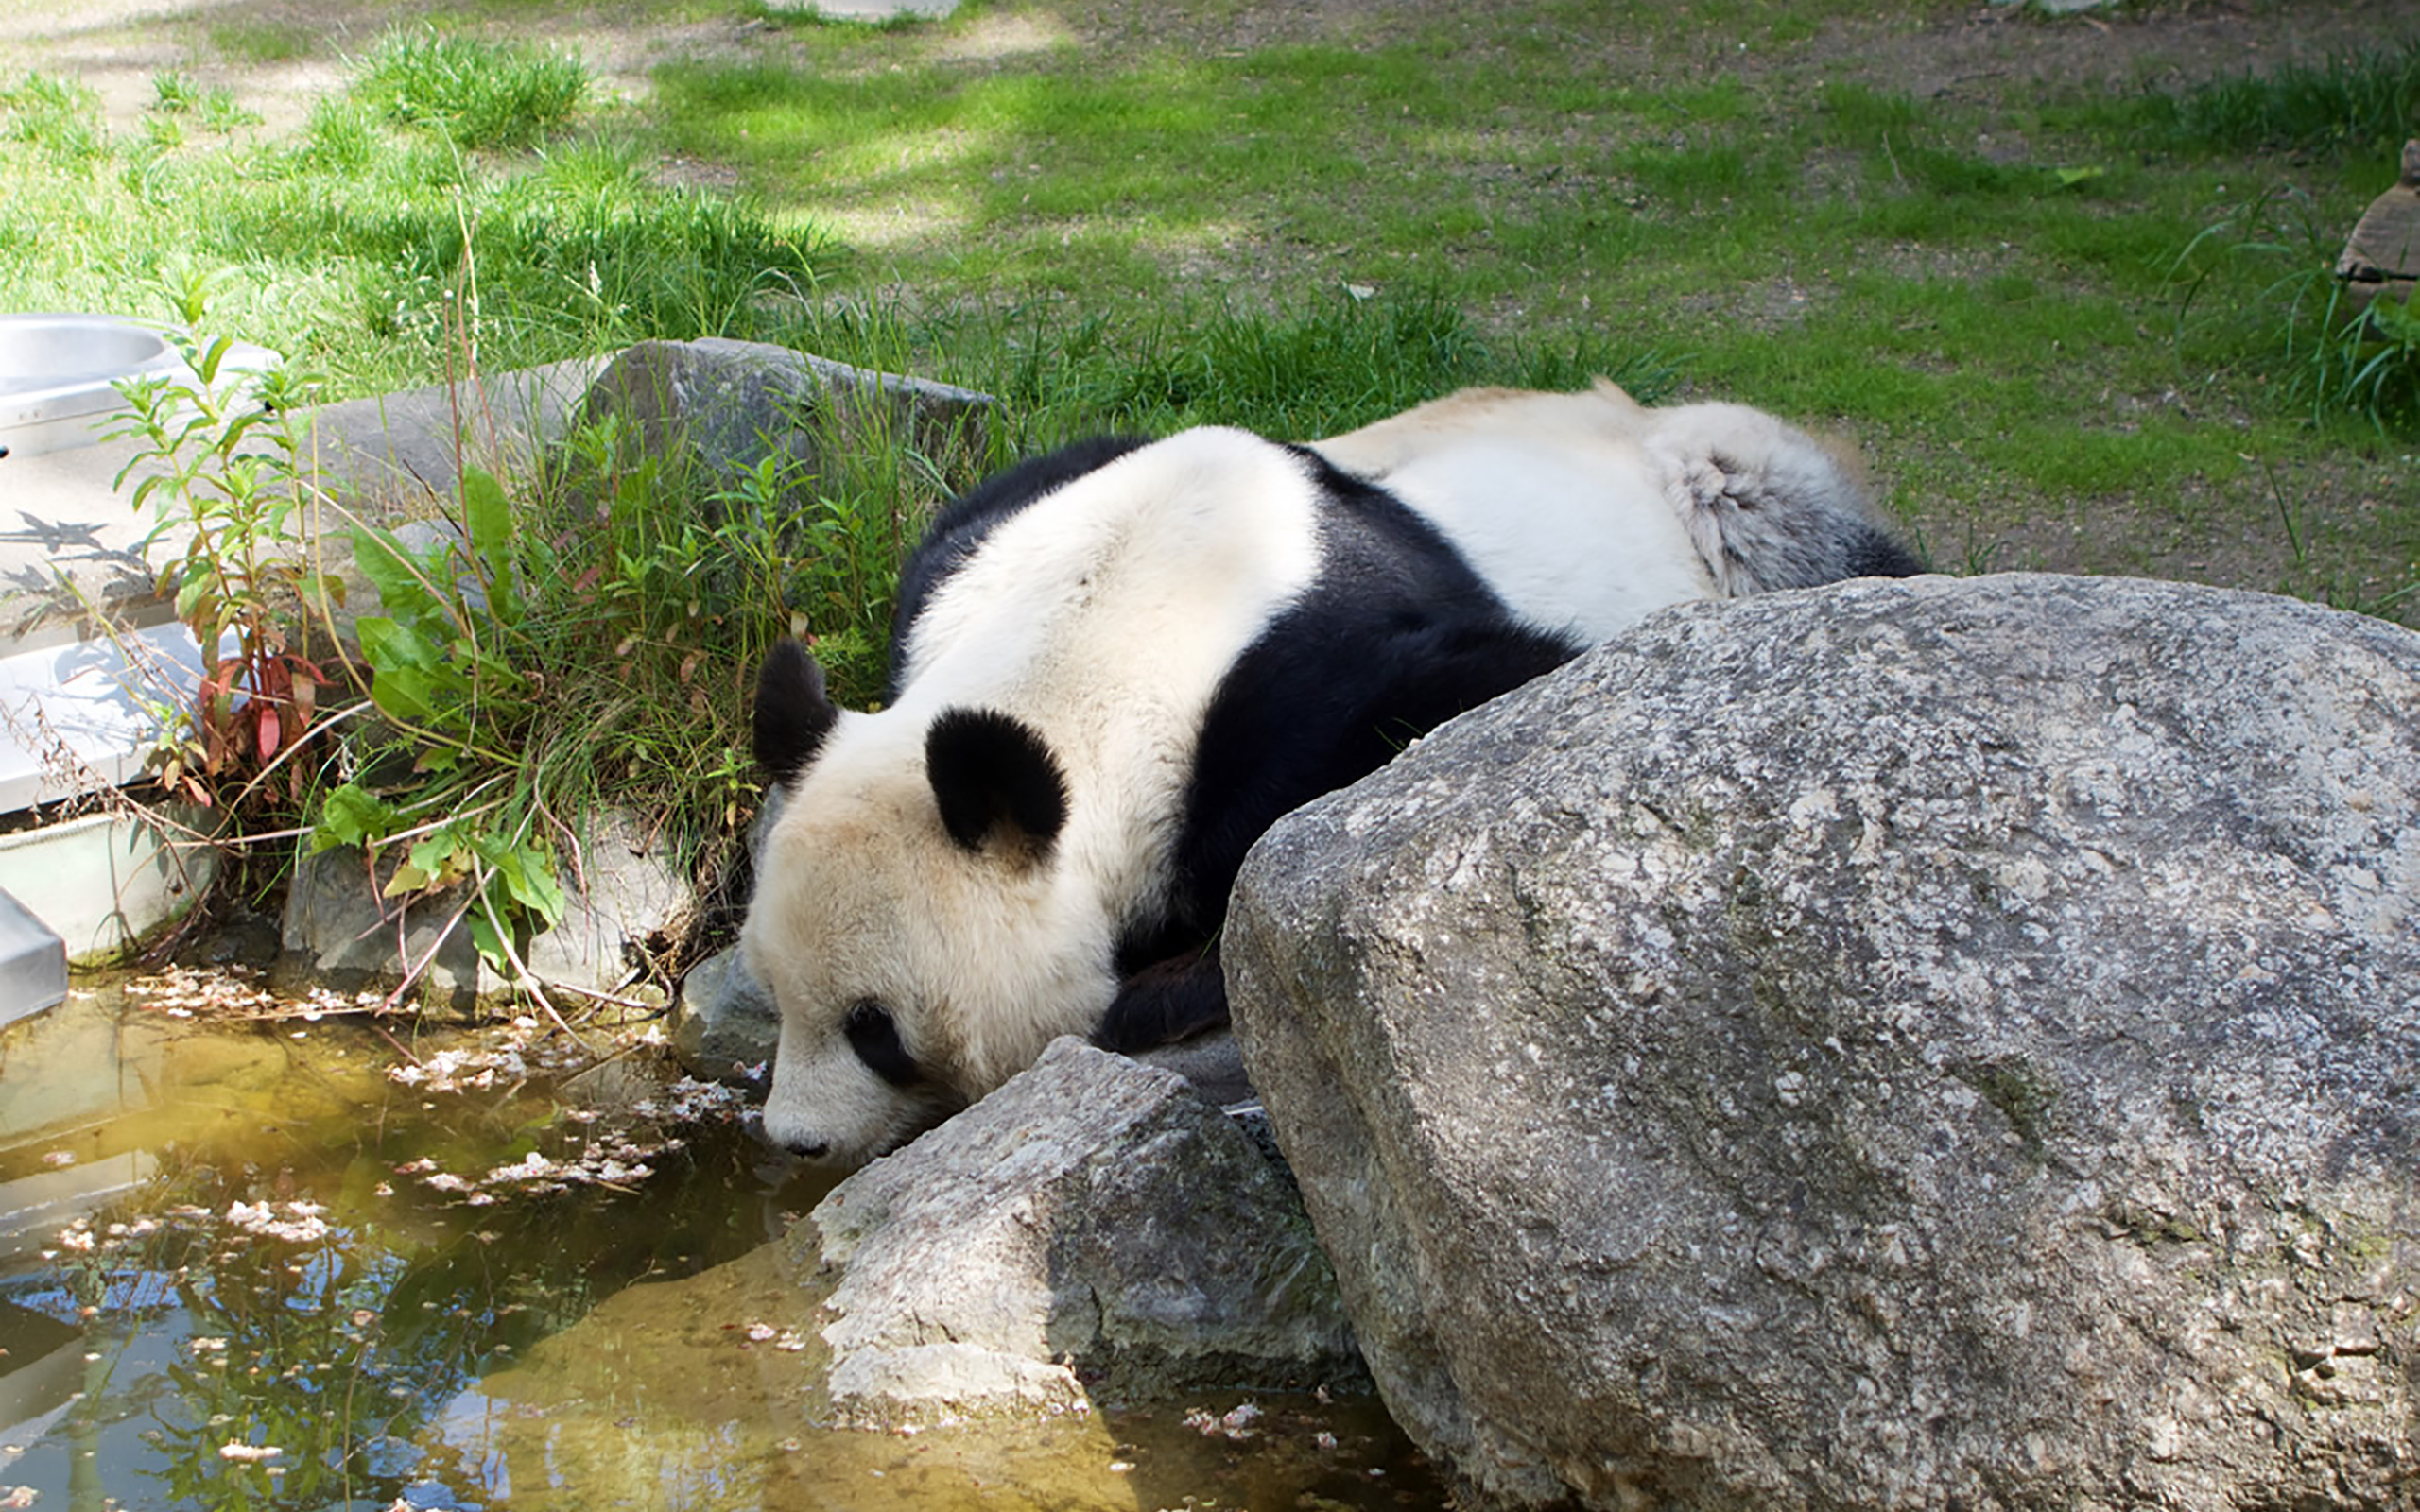 Ein Panda im Tiergarten Schönbrunn.